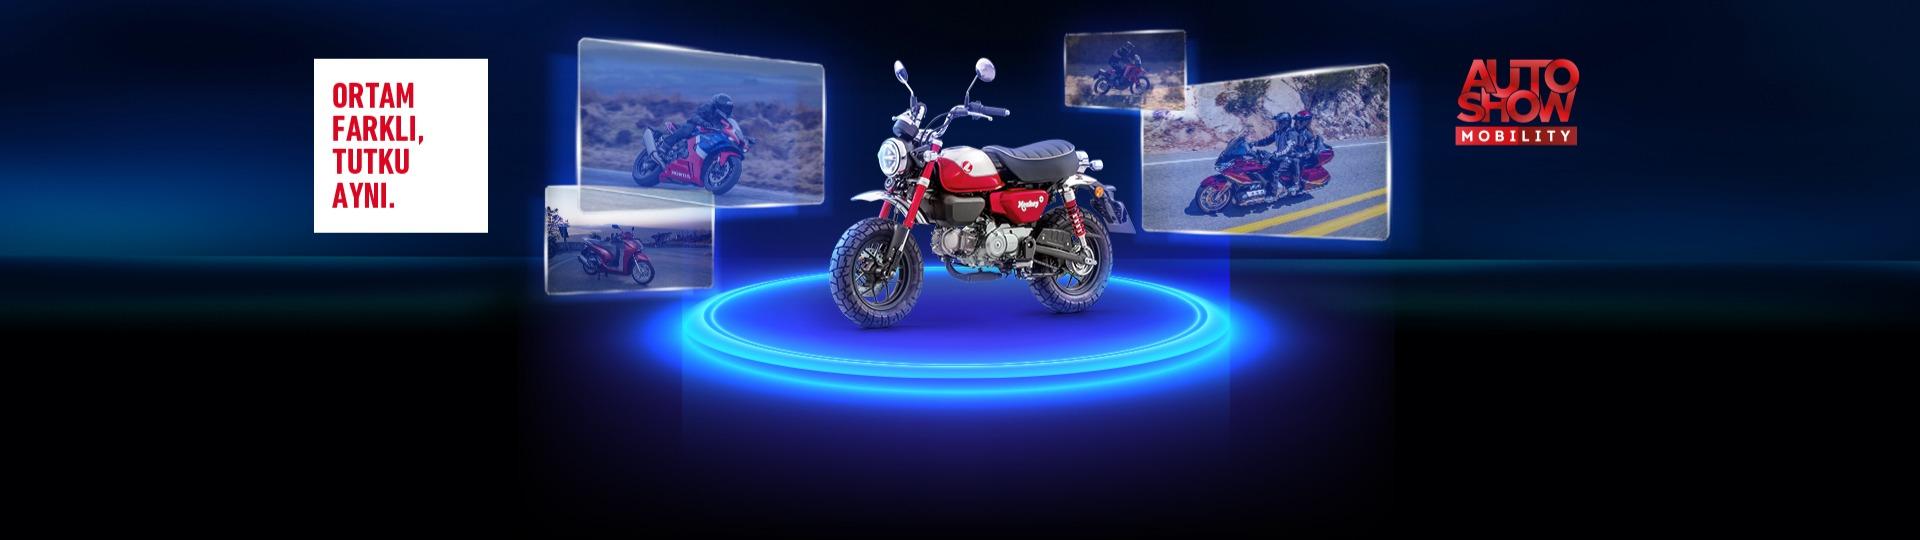 Özkaya Motor  Autoshow'21 için Ortam Farklı, Tutkumuz Aynı